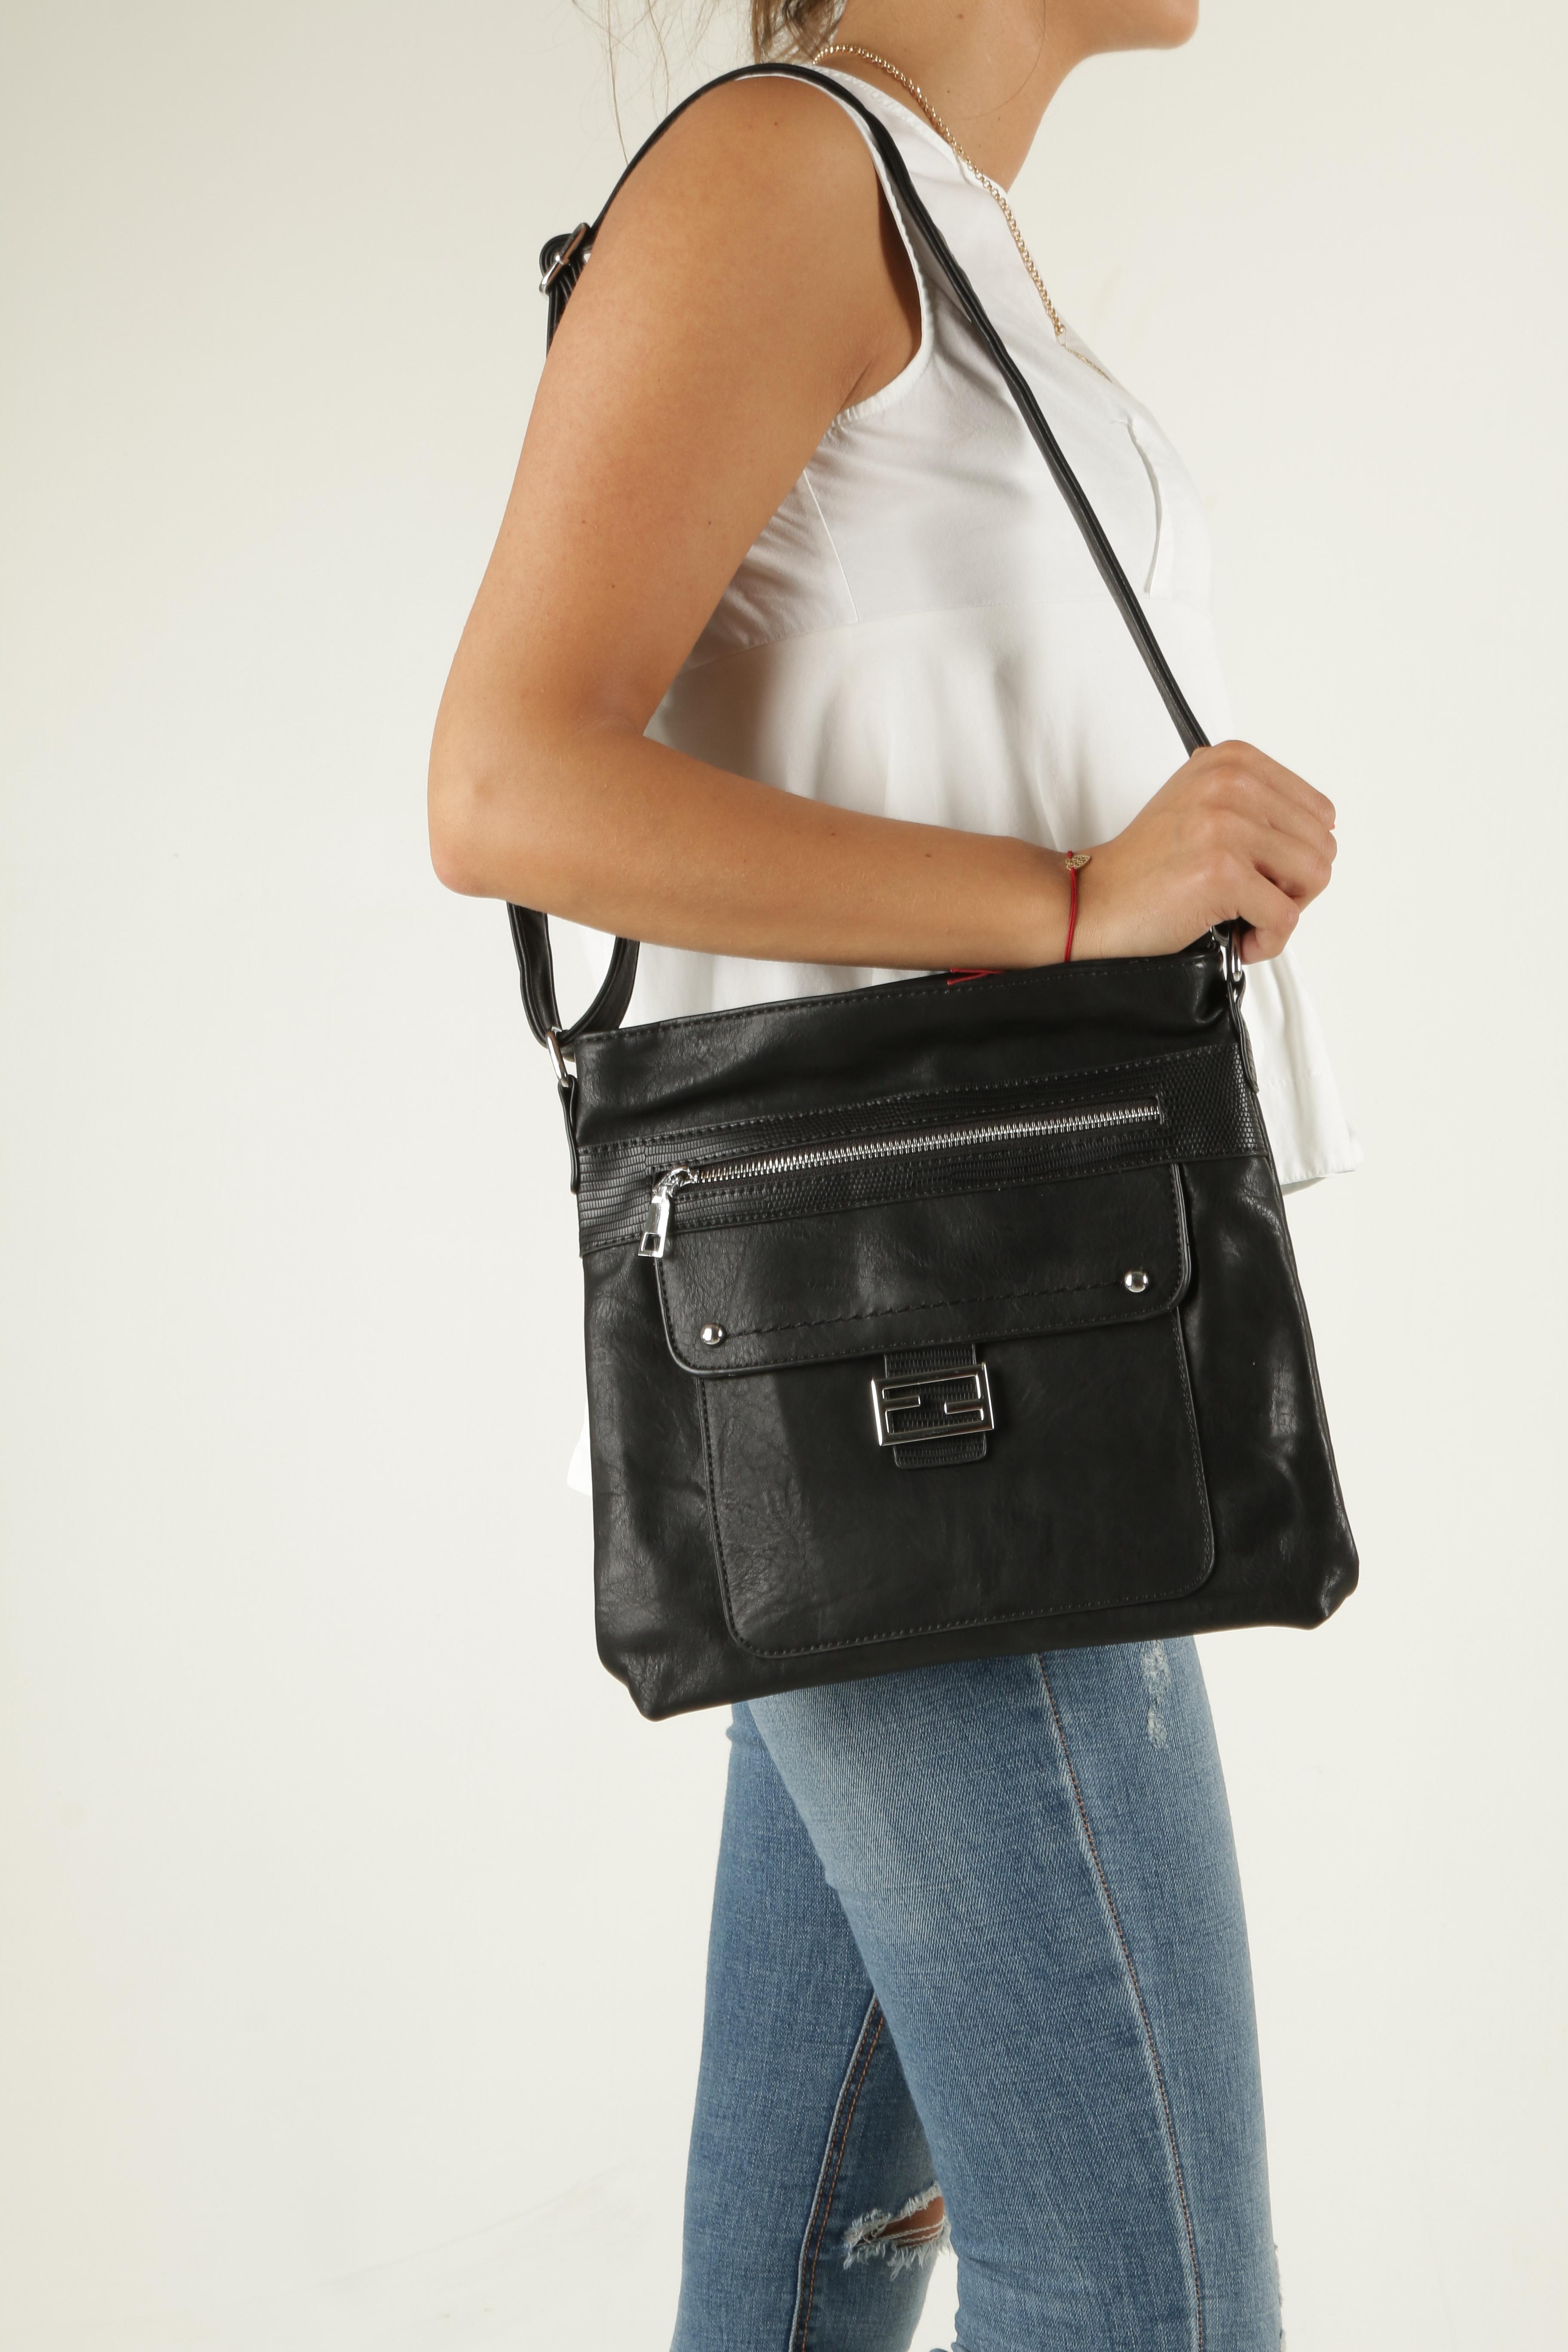 Czarna torebka listonoszka z metalową ozdobą Casu D54